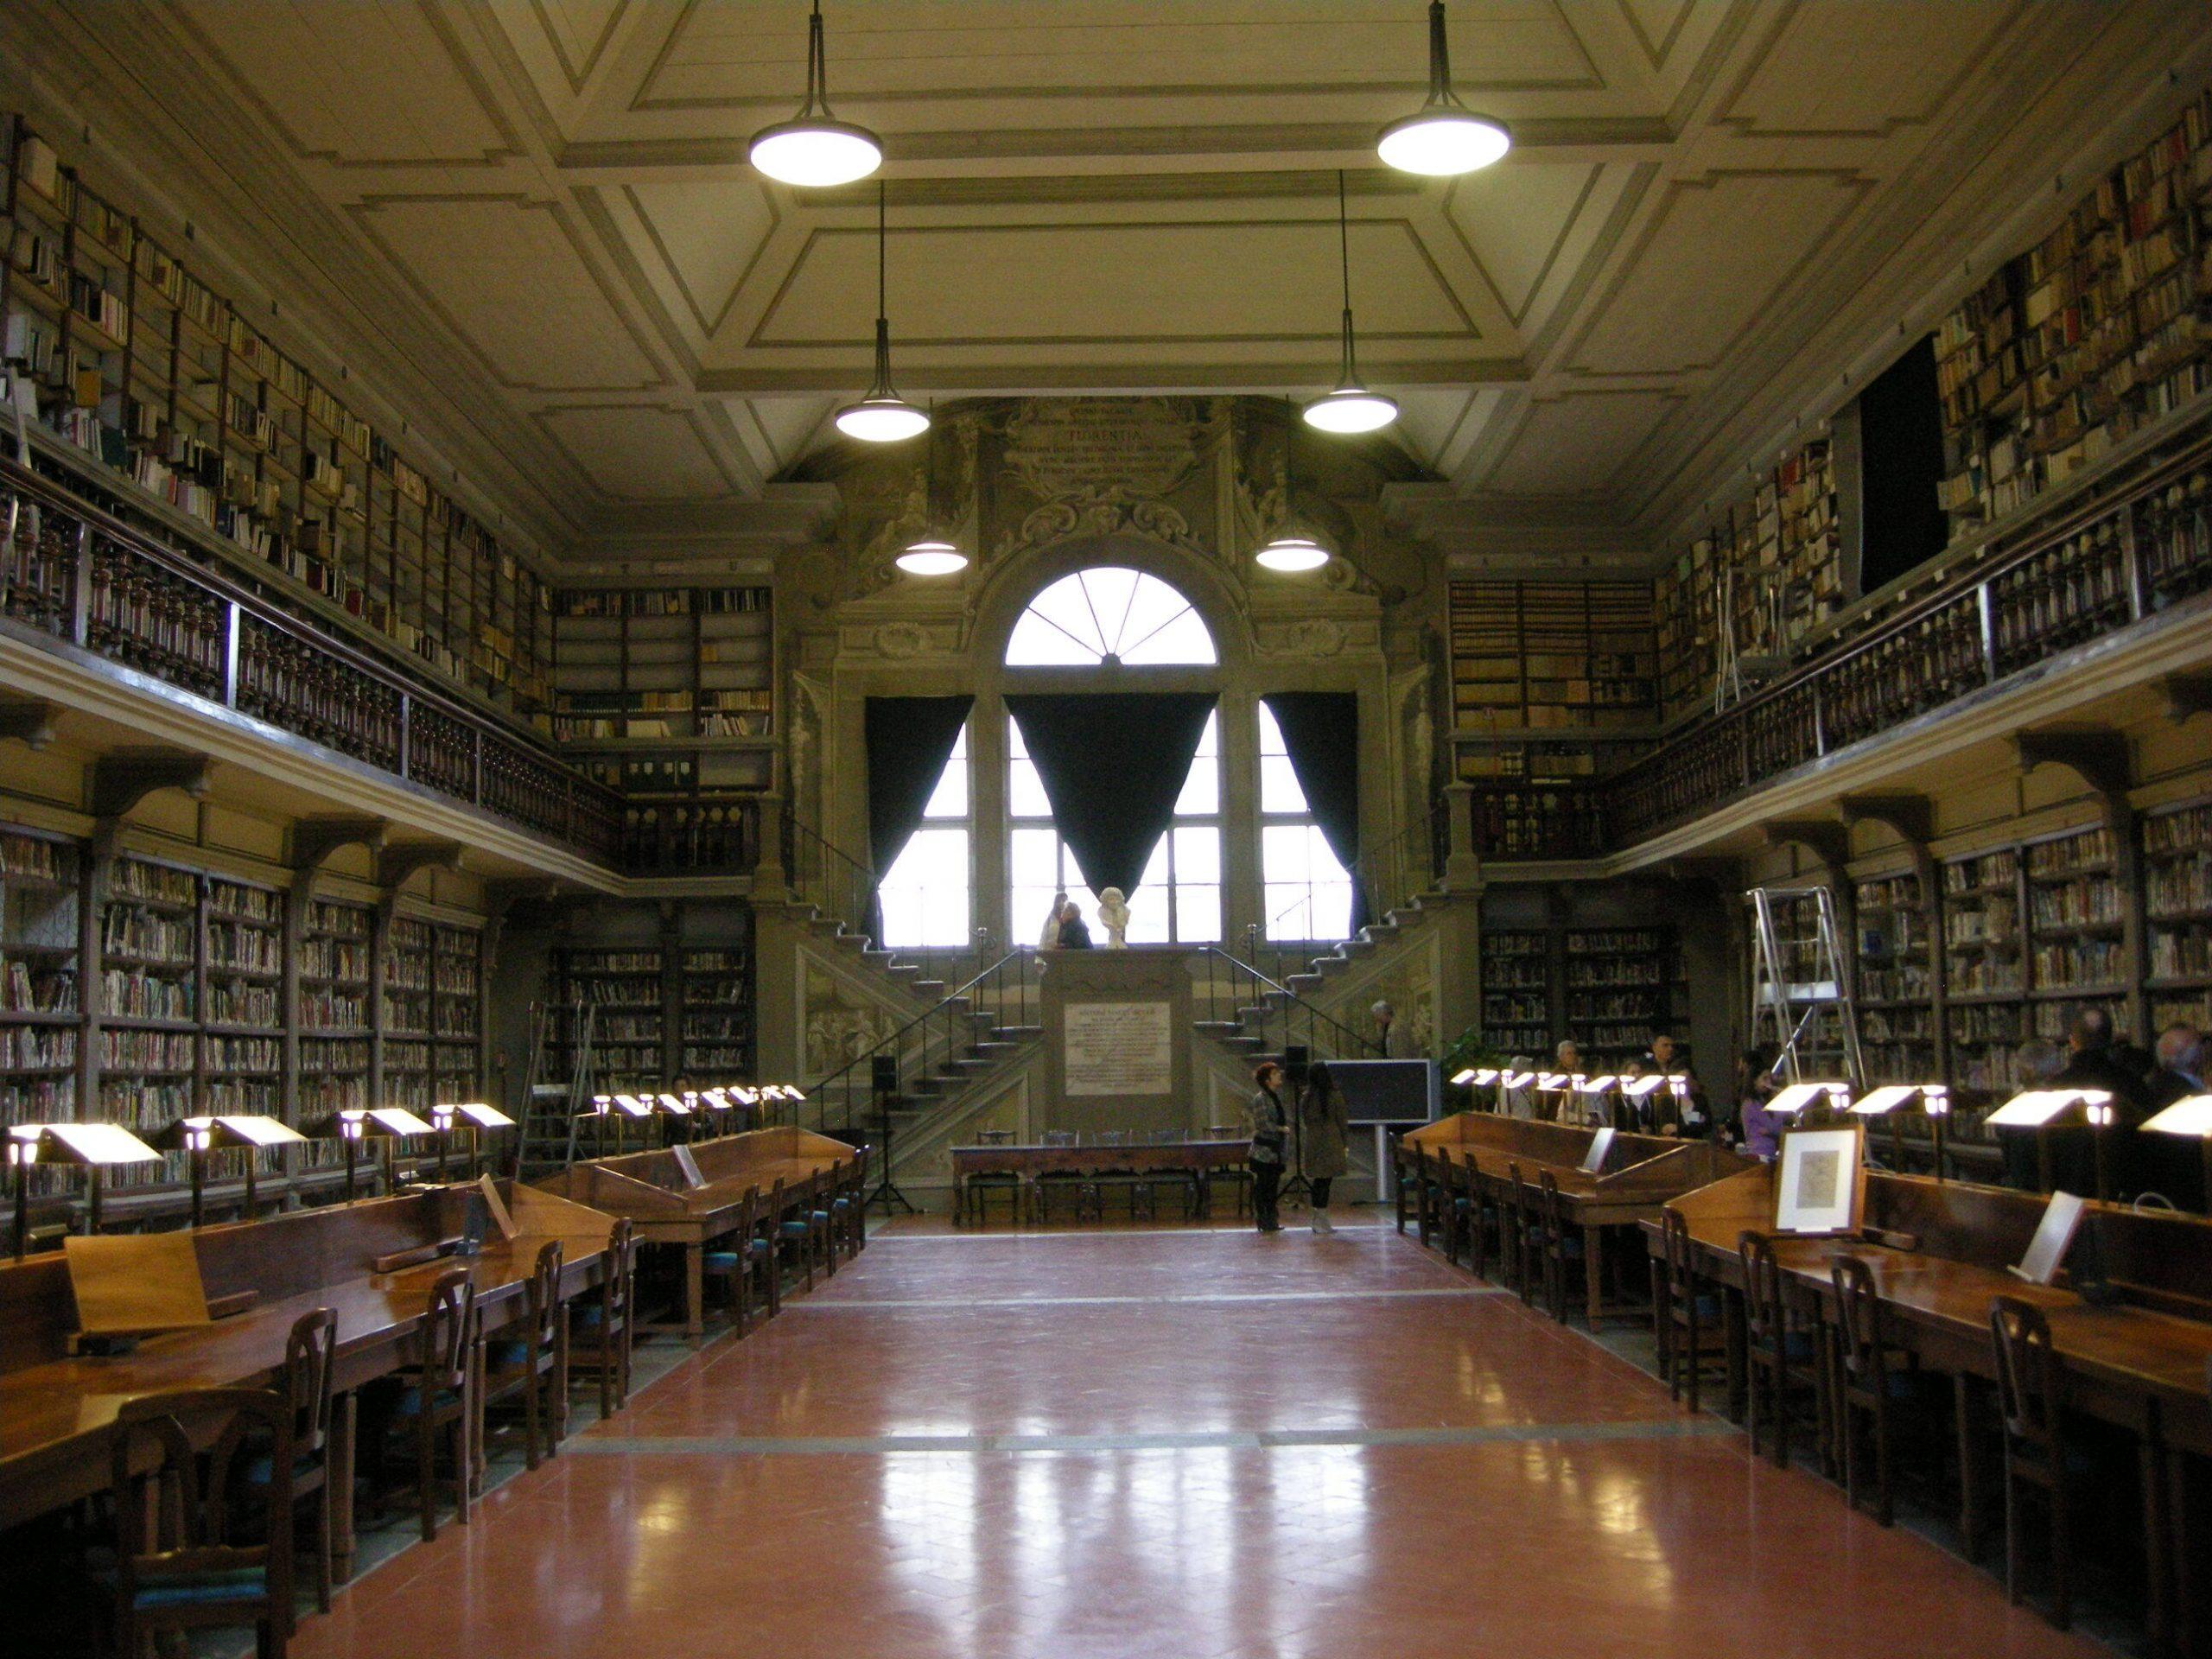 Interno della biblioteca degli Uffizi di Firenze.